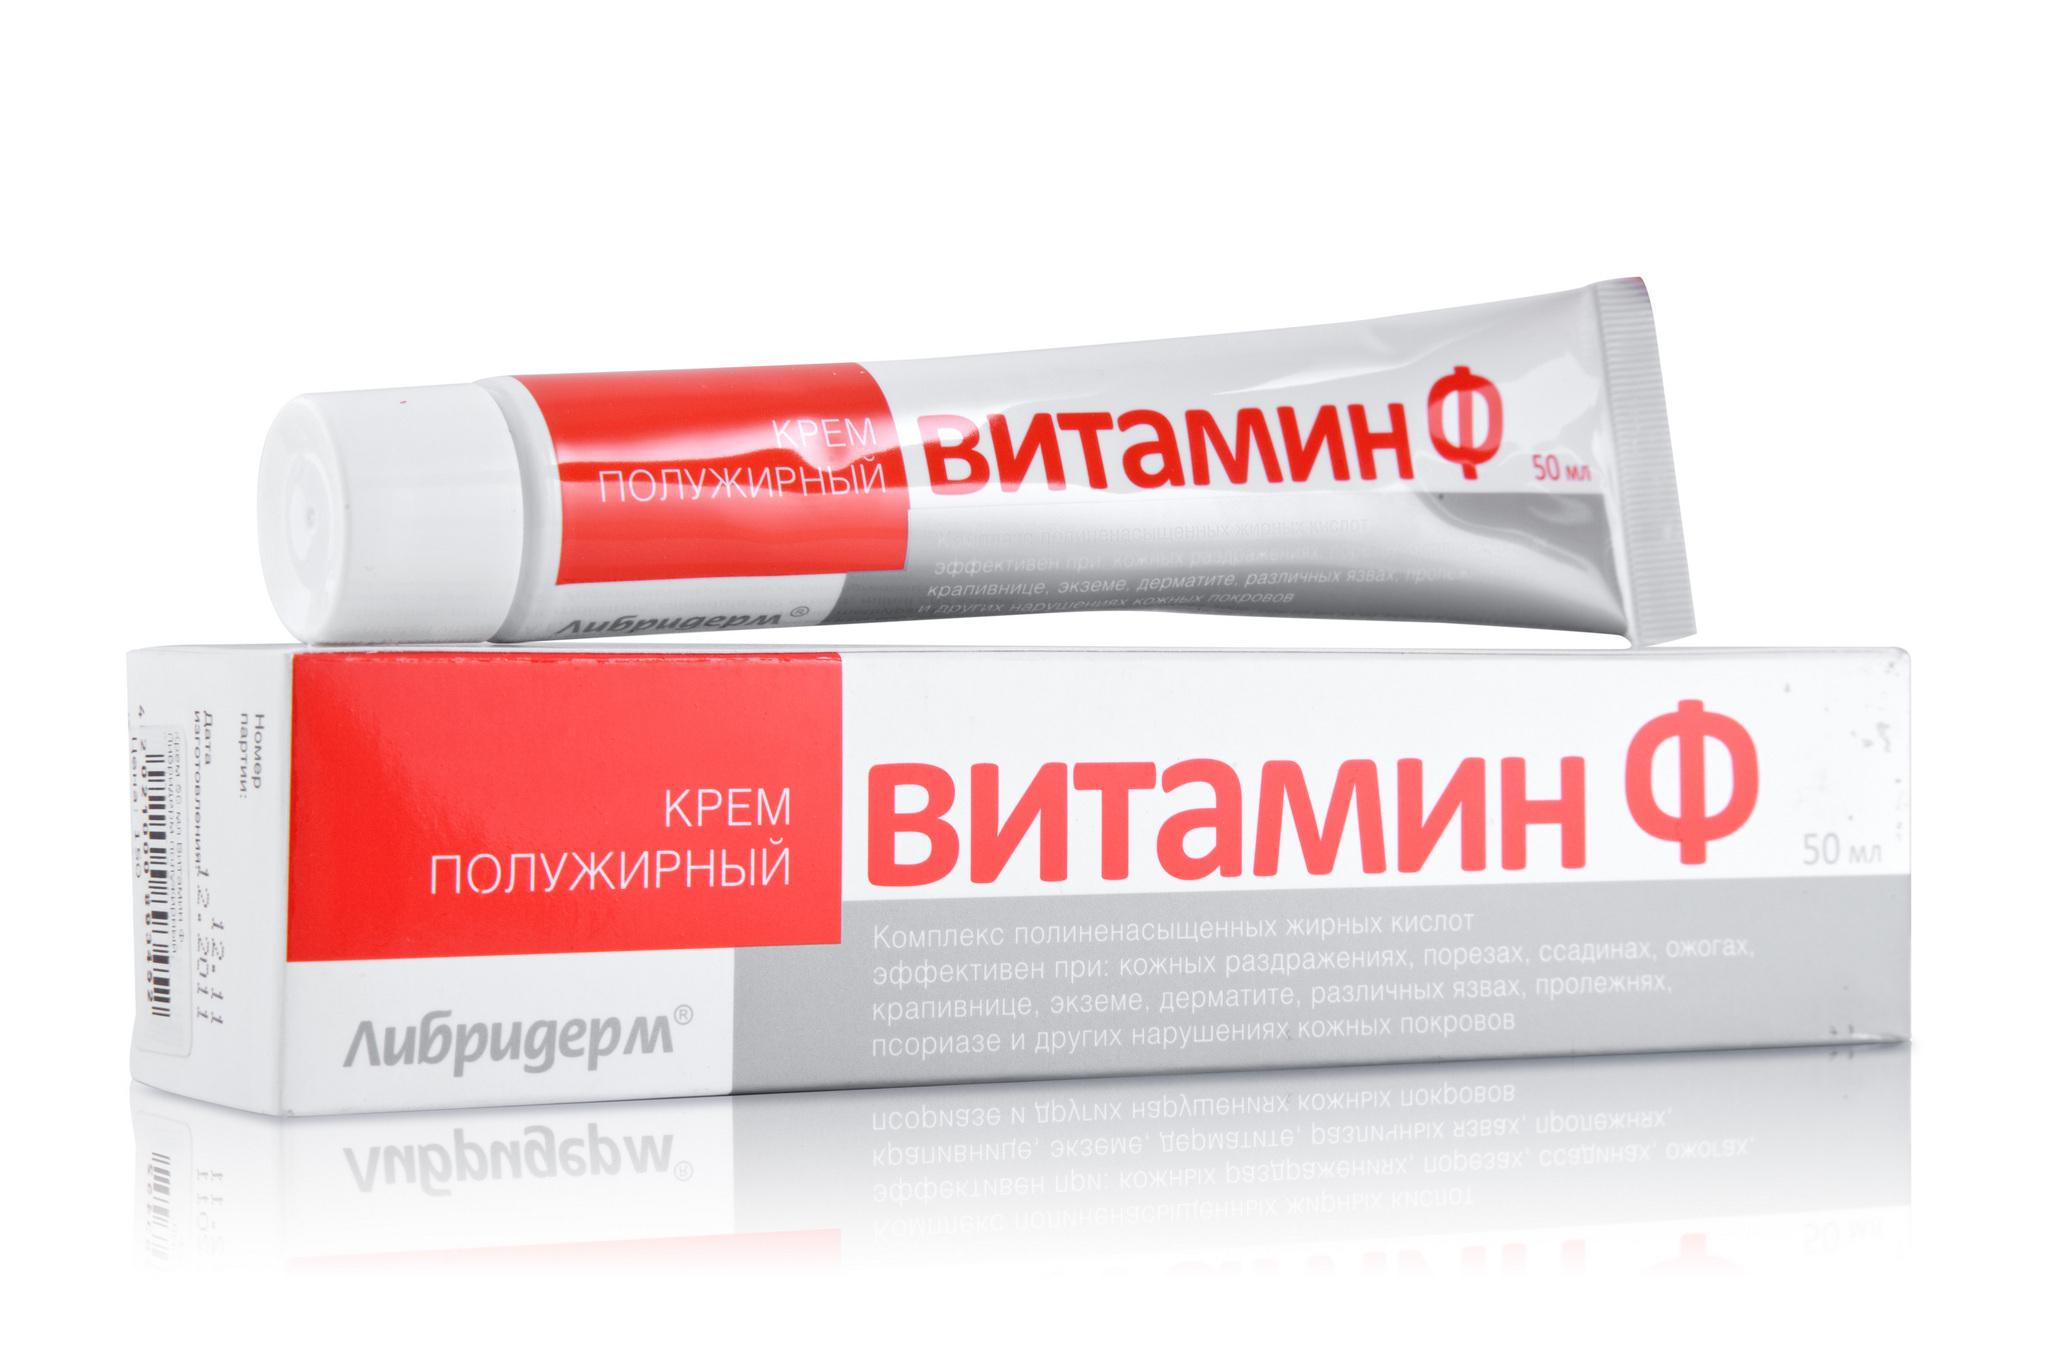 Витамин Ф жирный крем 50 мл.